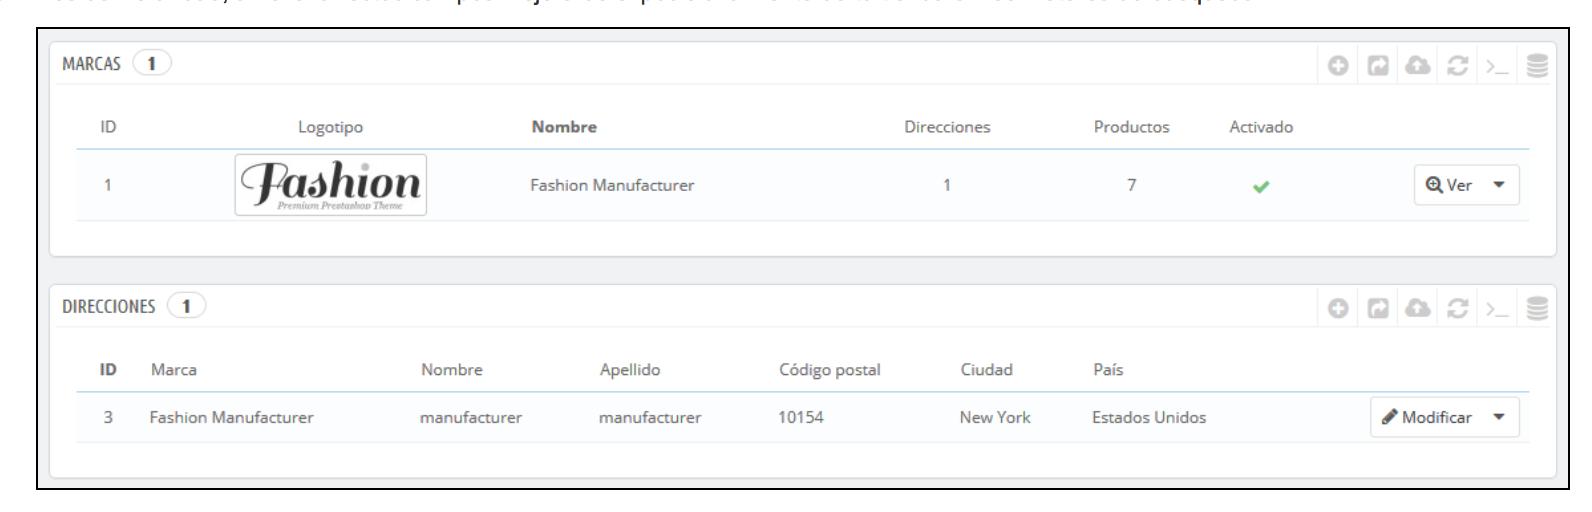 erstellt, ändert oder Markierungen in der Liste importieren